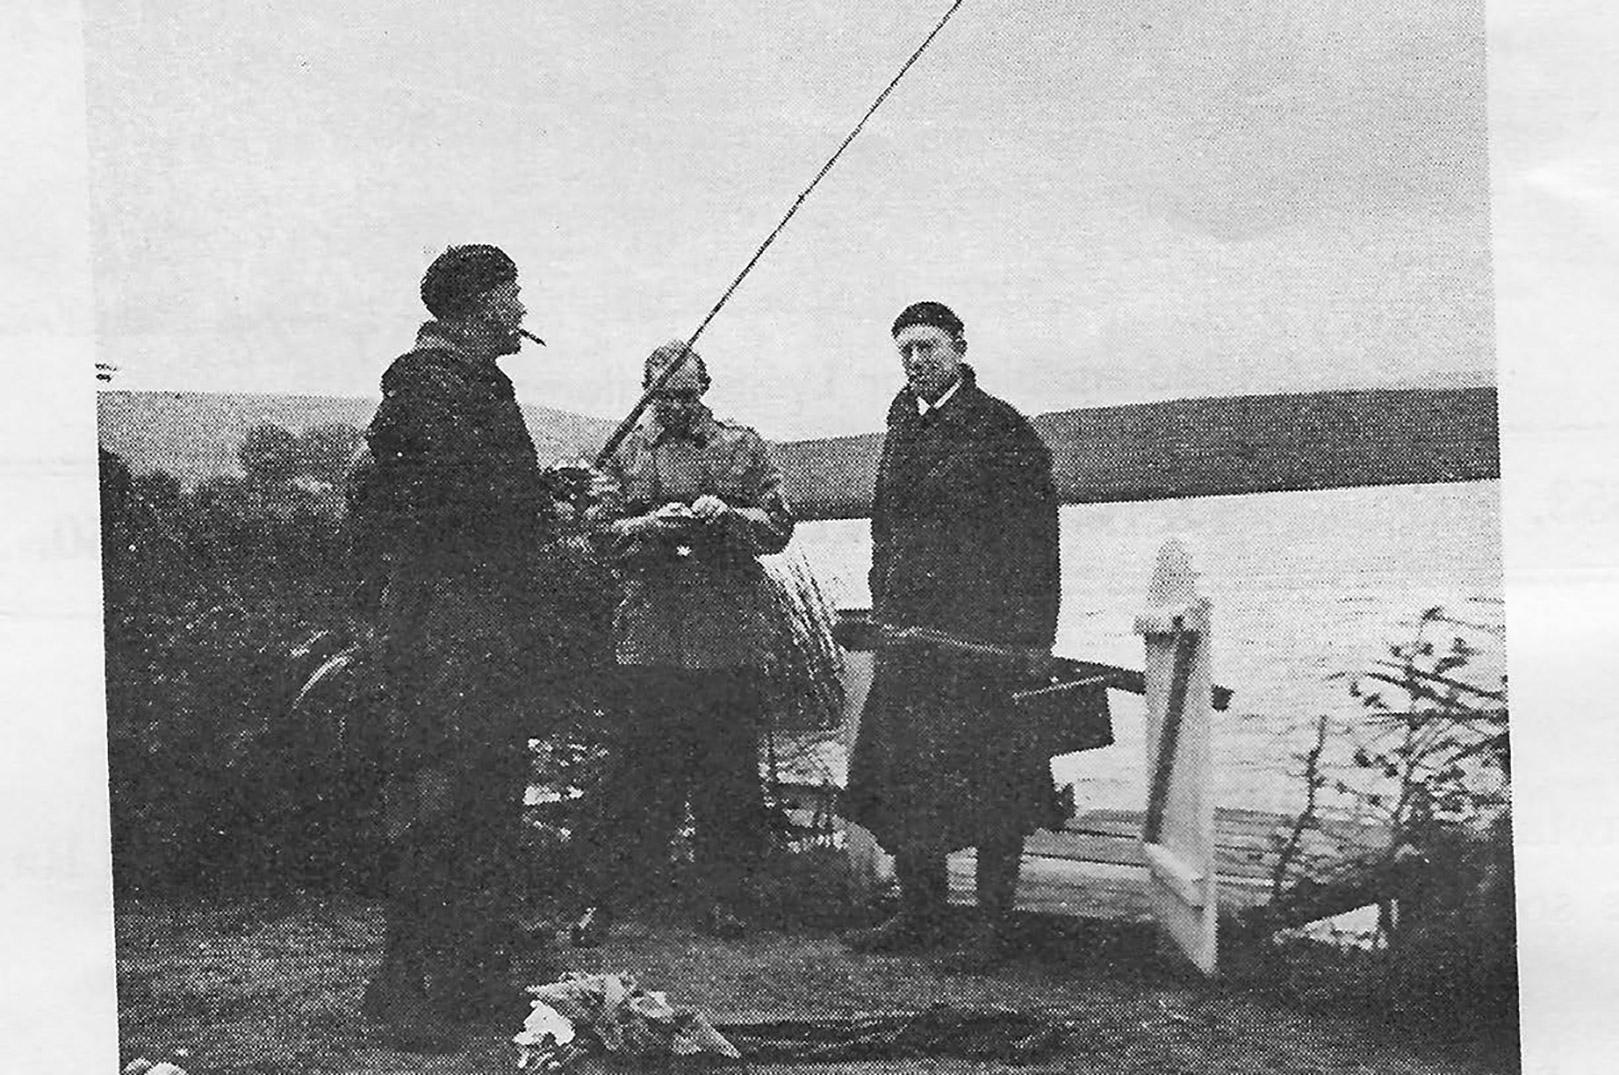 På Radiooptagelse i 1938. Svend Methling med cigar i munden er klar til gedderne. (Foto: Lystfiskeri-Tidende)